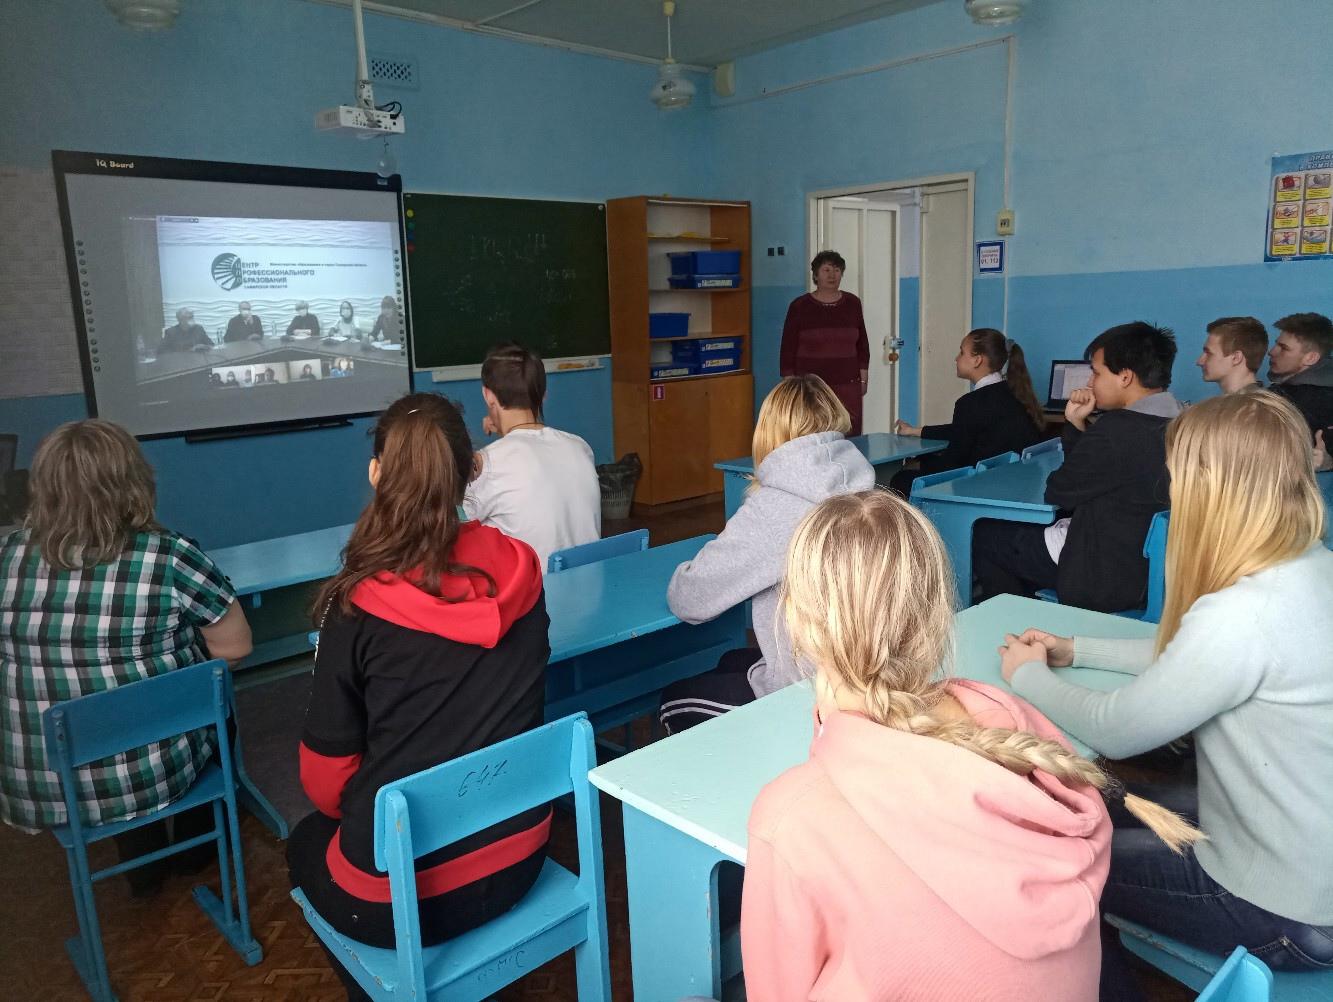 Обучающиеся смотрят видеоконференцию